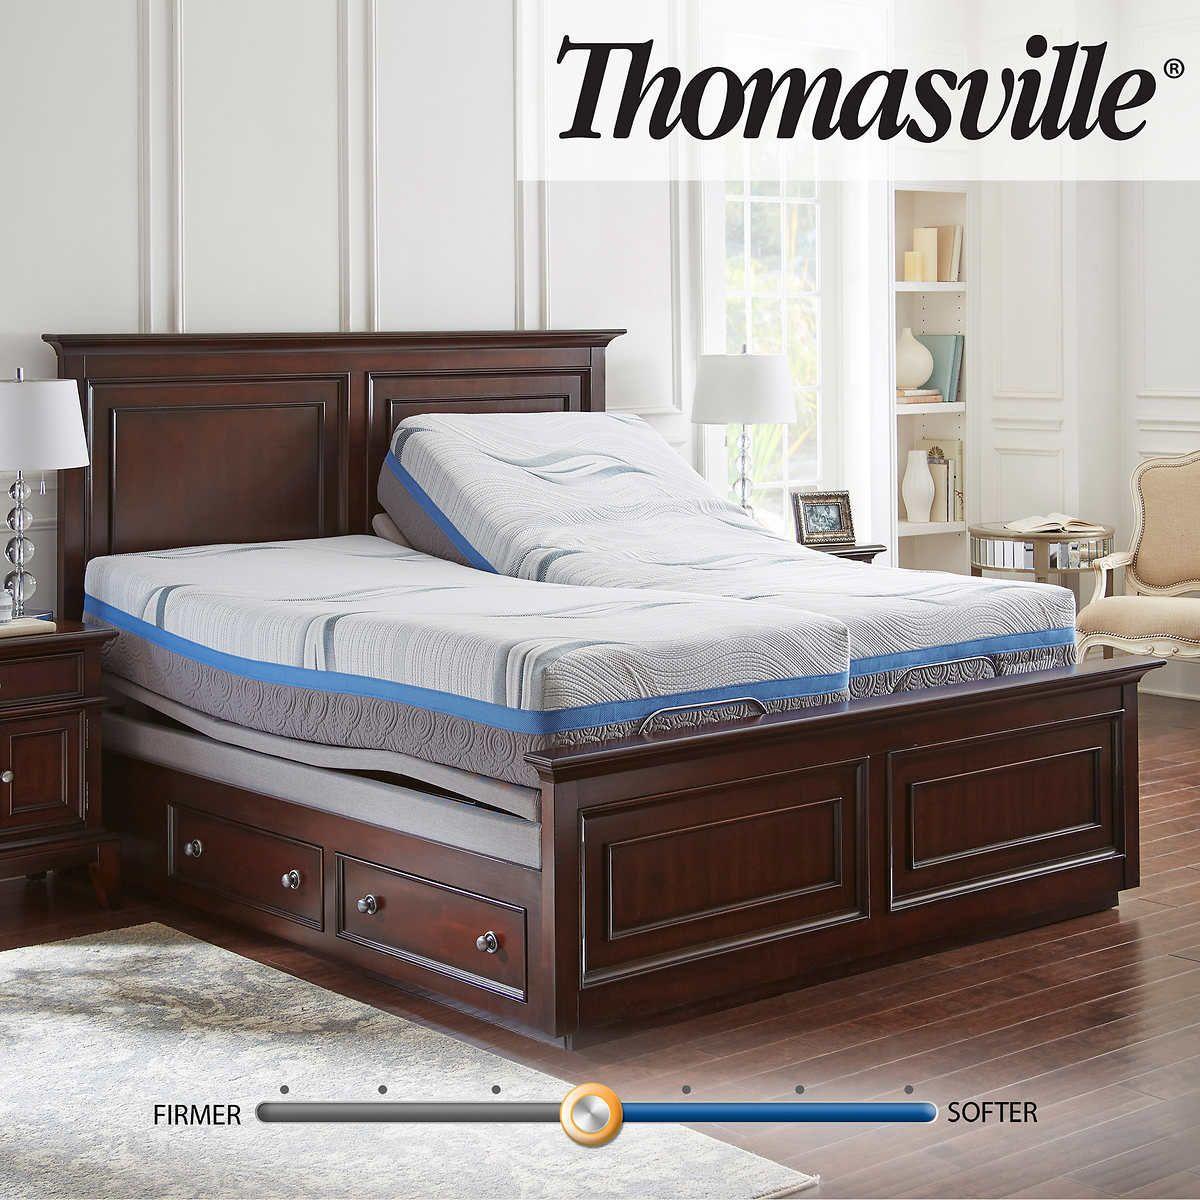 """Thomasville Gel Rest 12"""" Memory Foam Split King Mattress"""